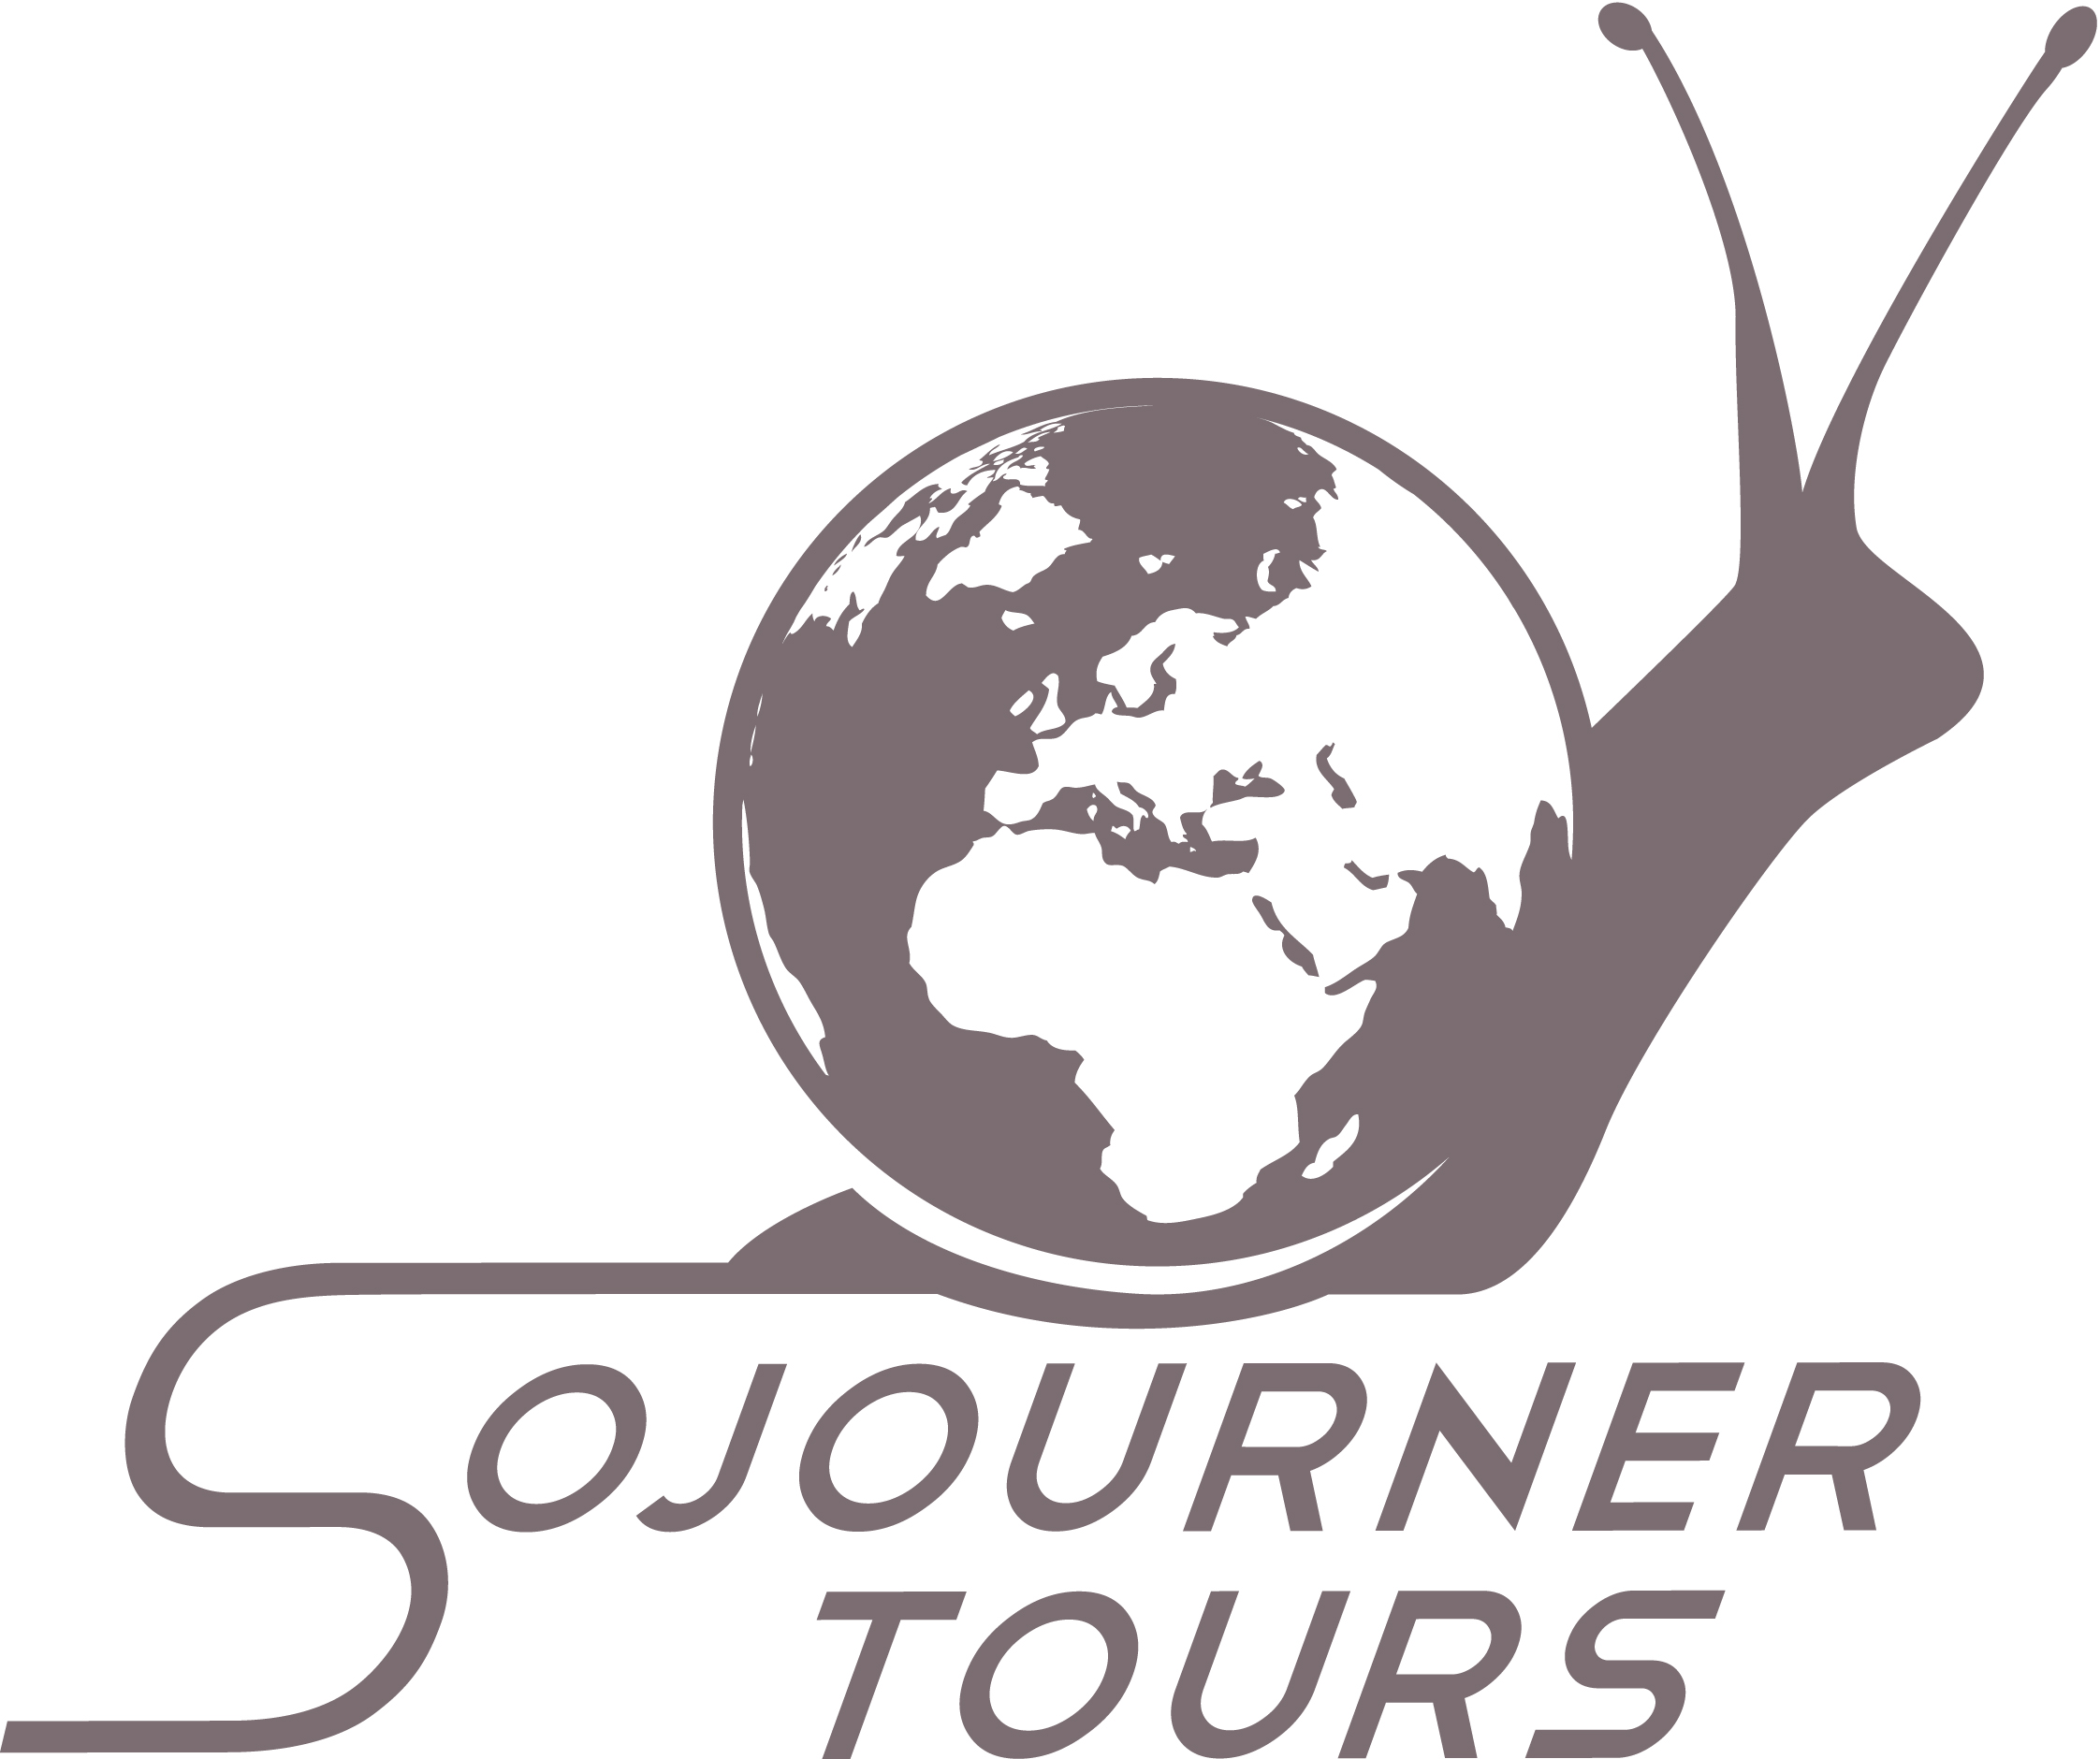 Sojourner Tours